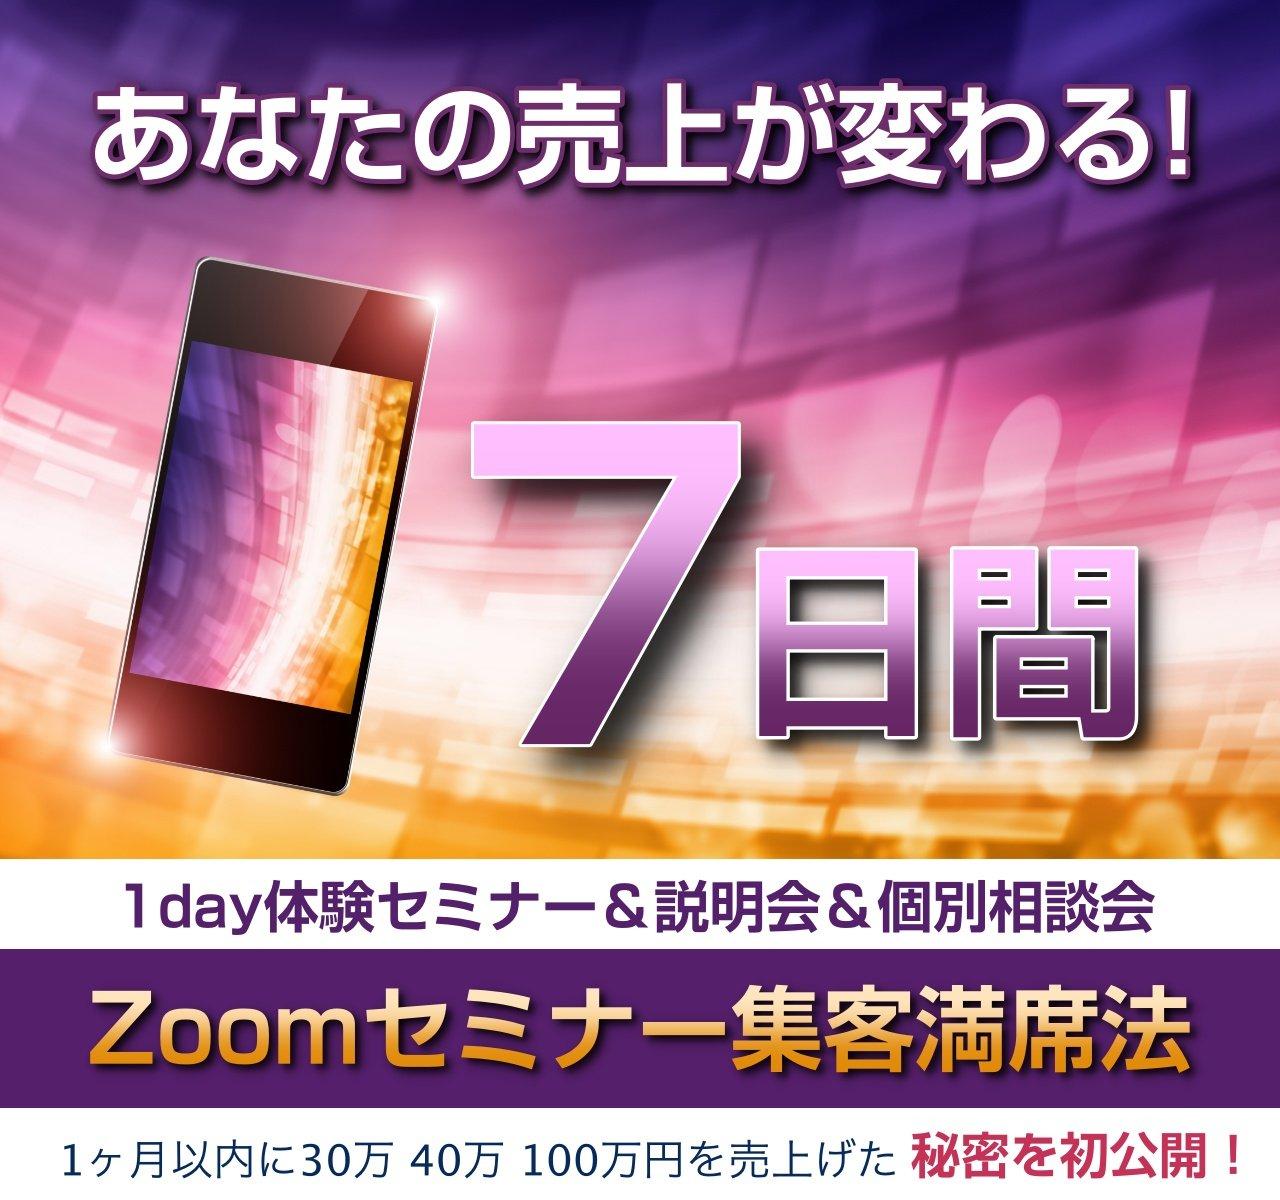 オンラインビジネス起業 オンラインビジネスのZoomセミナー ランディングページ画像 サムネイル4